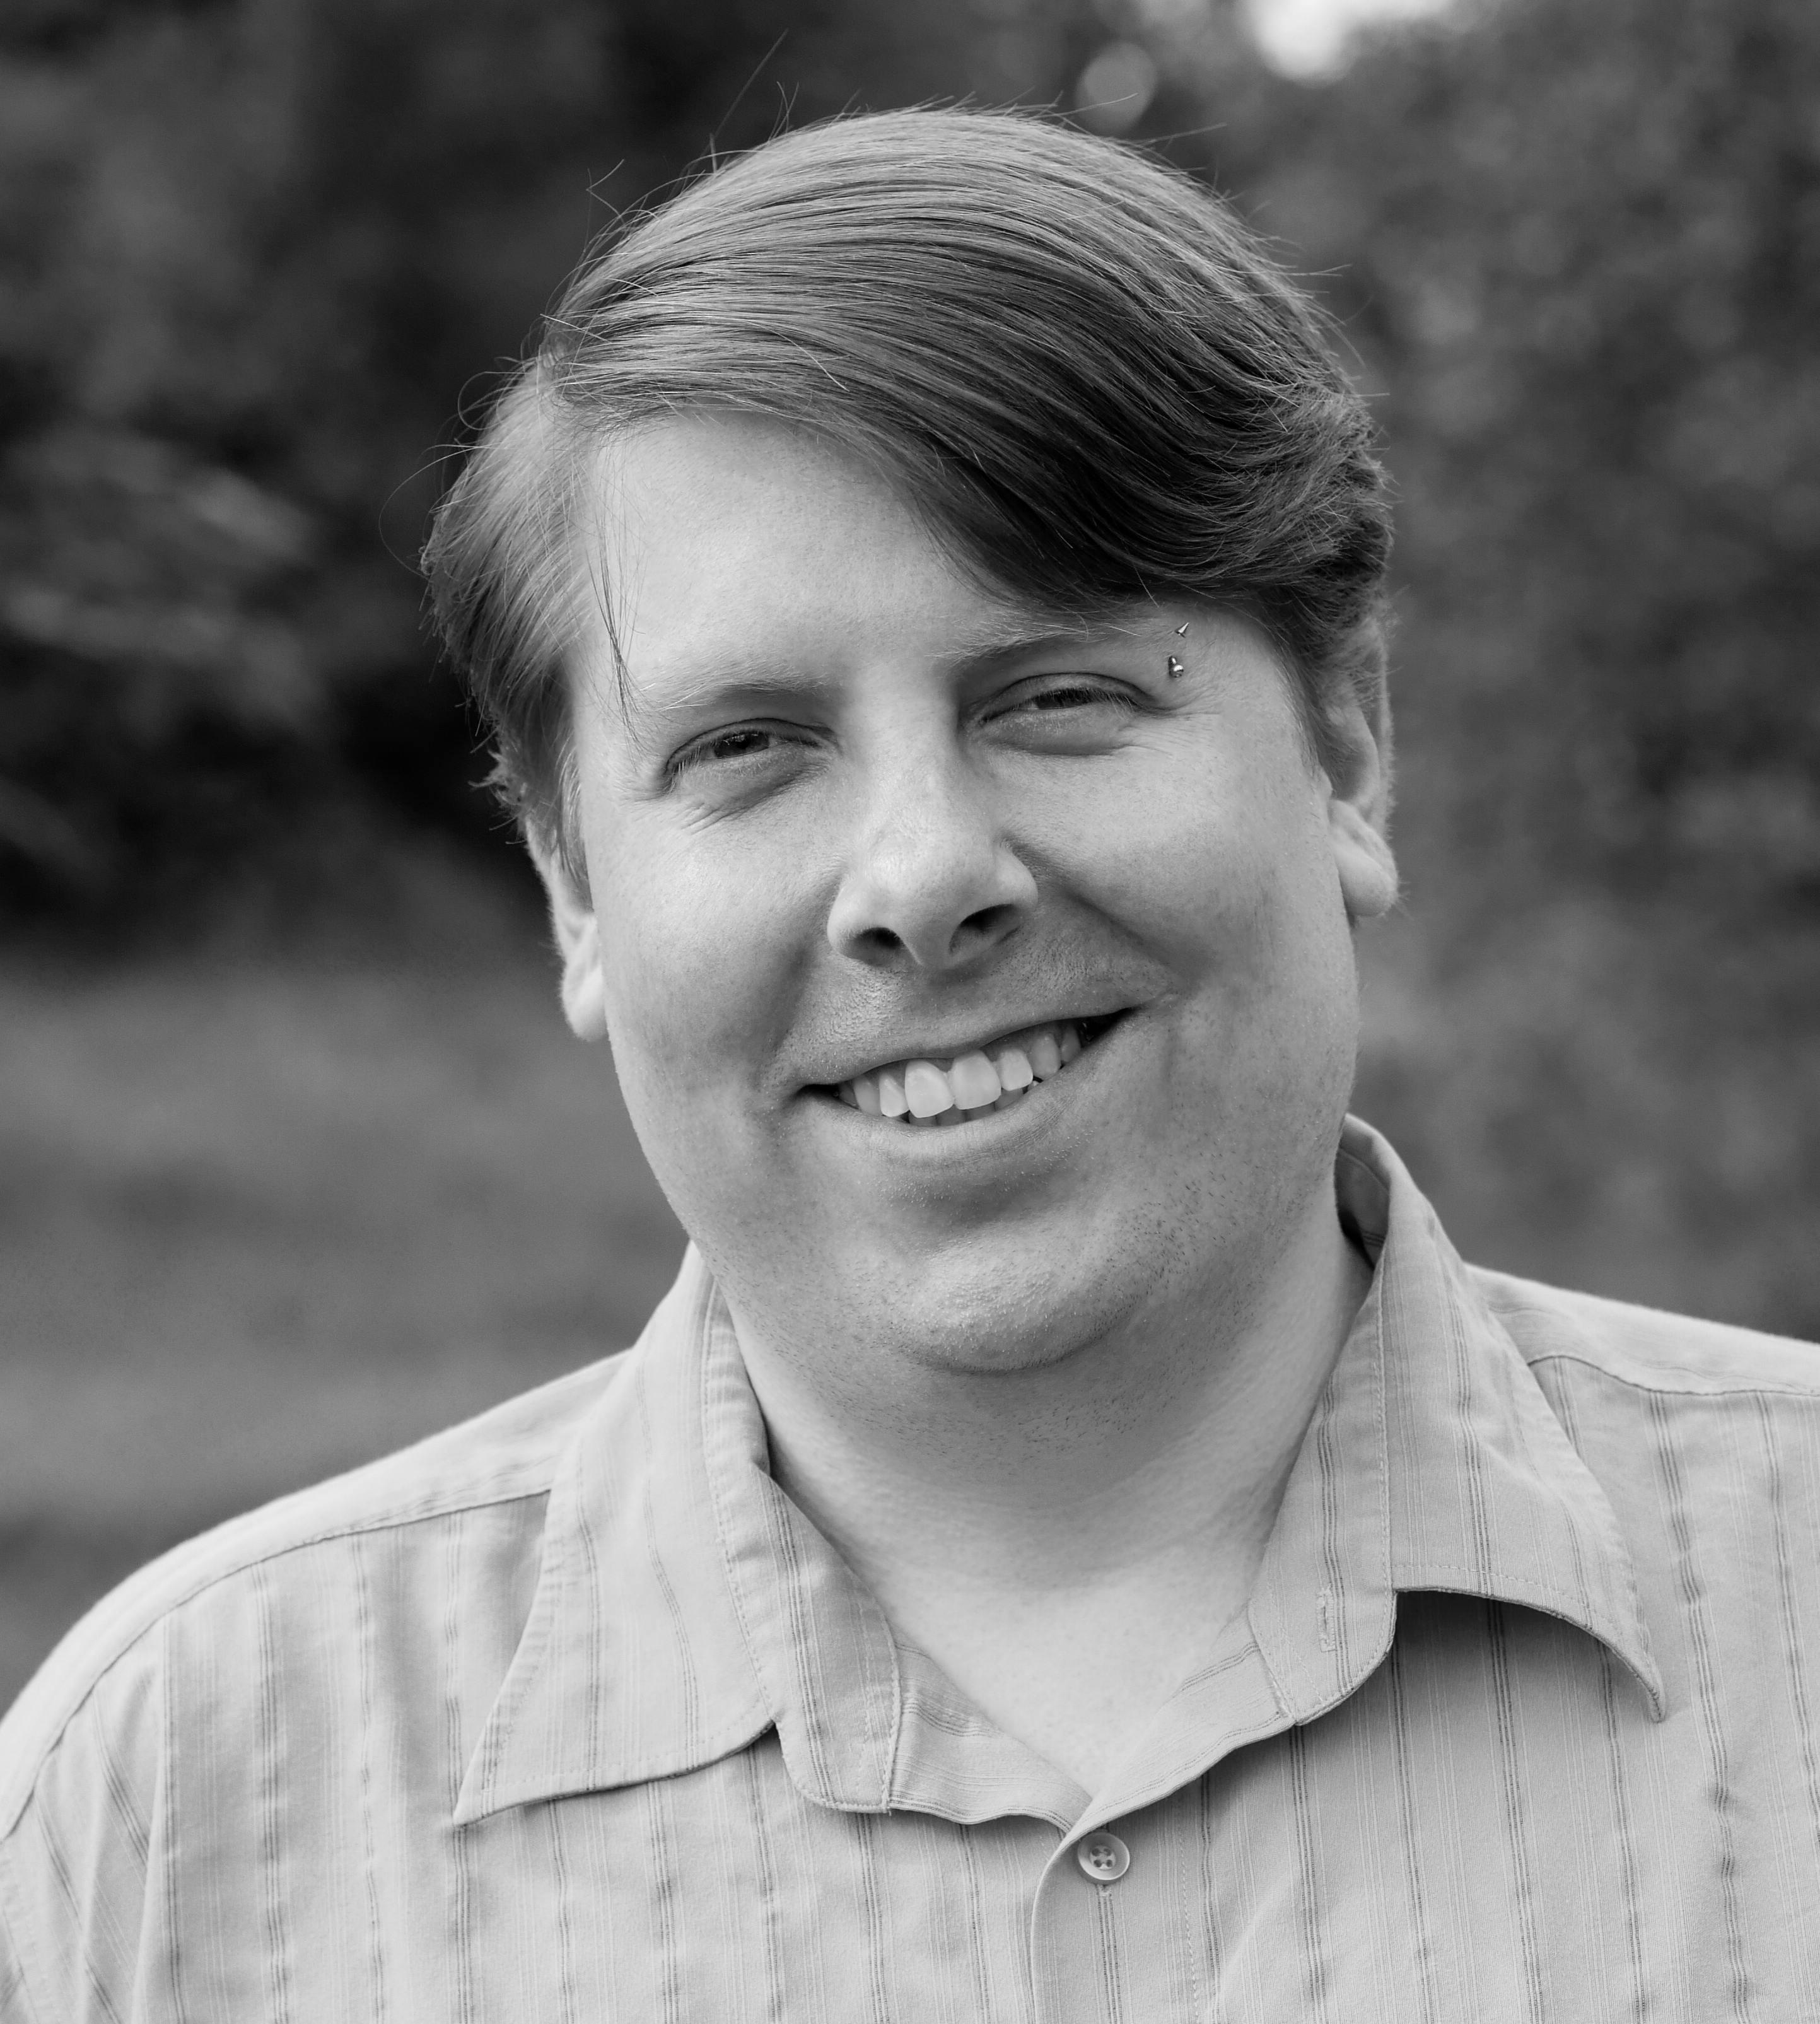 Wir begrüßen unseren neuen Autoren Dominik Schmeller